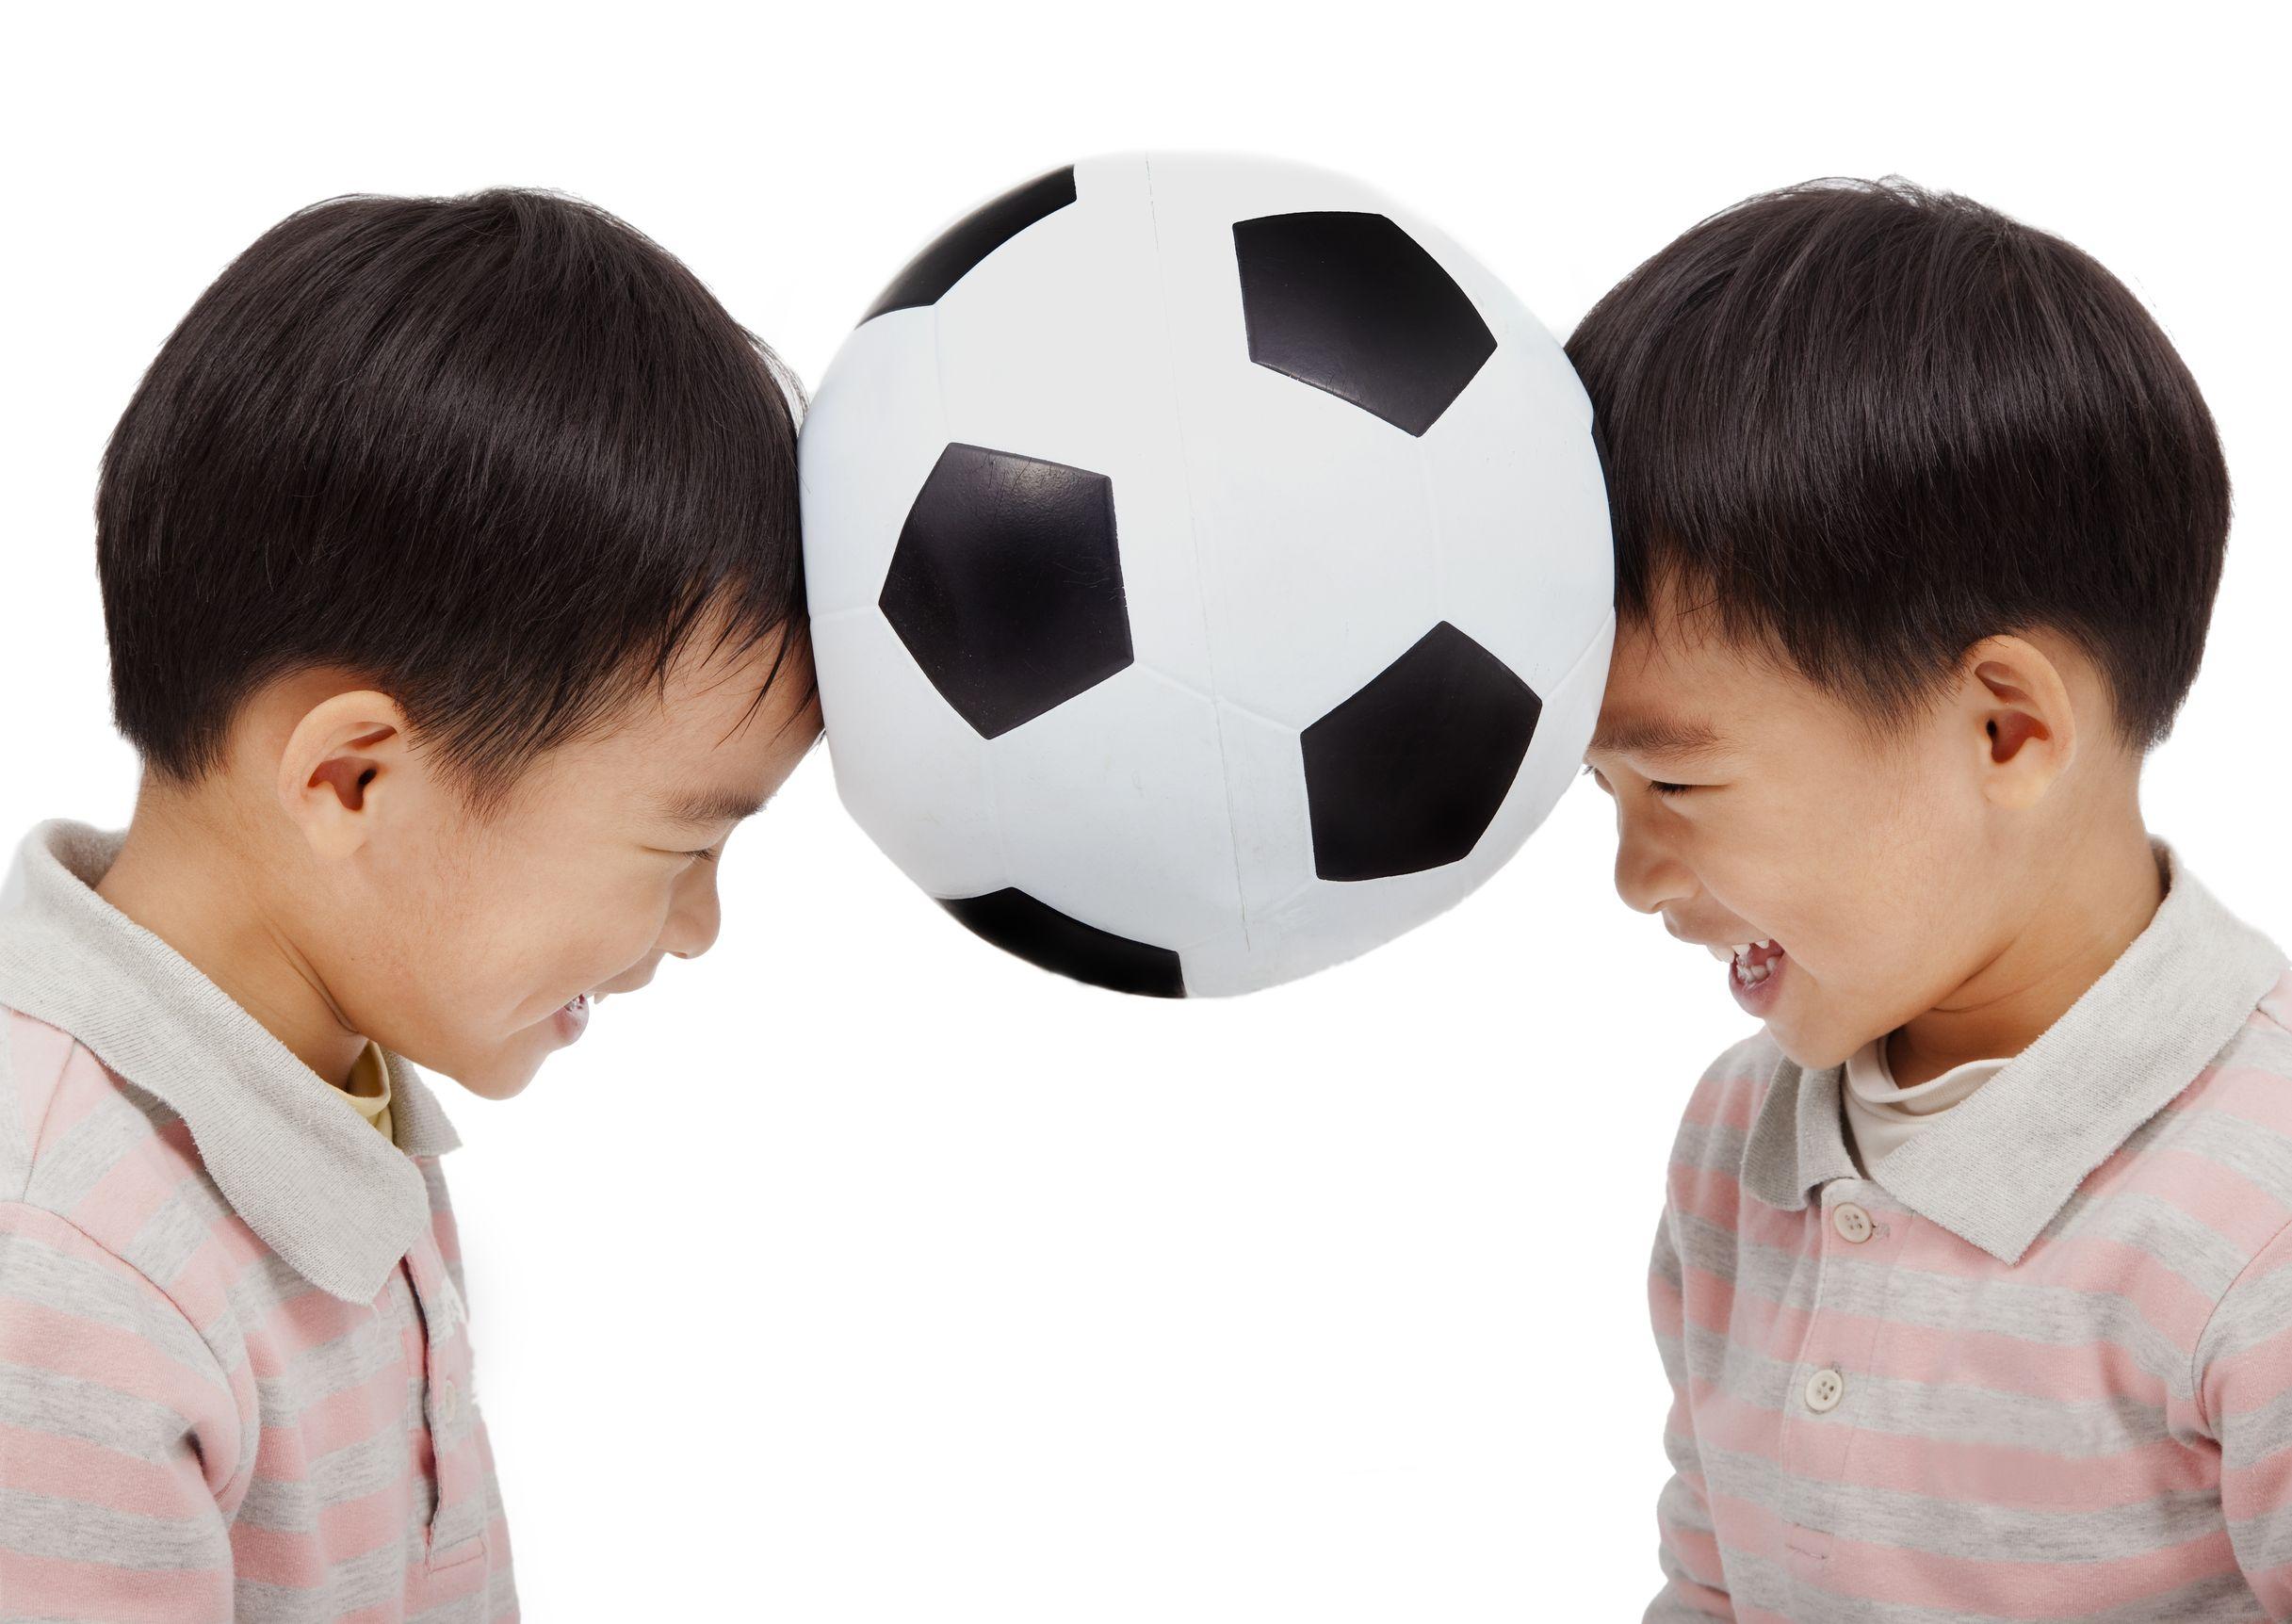 Boys with a soccer ball